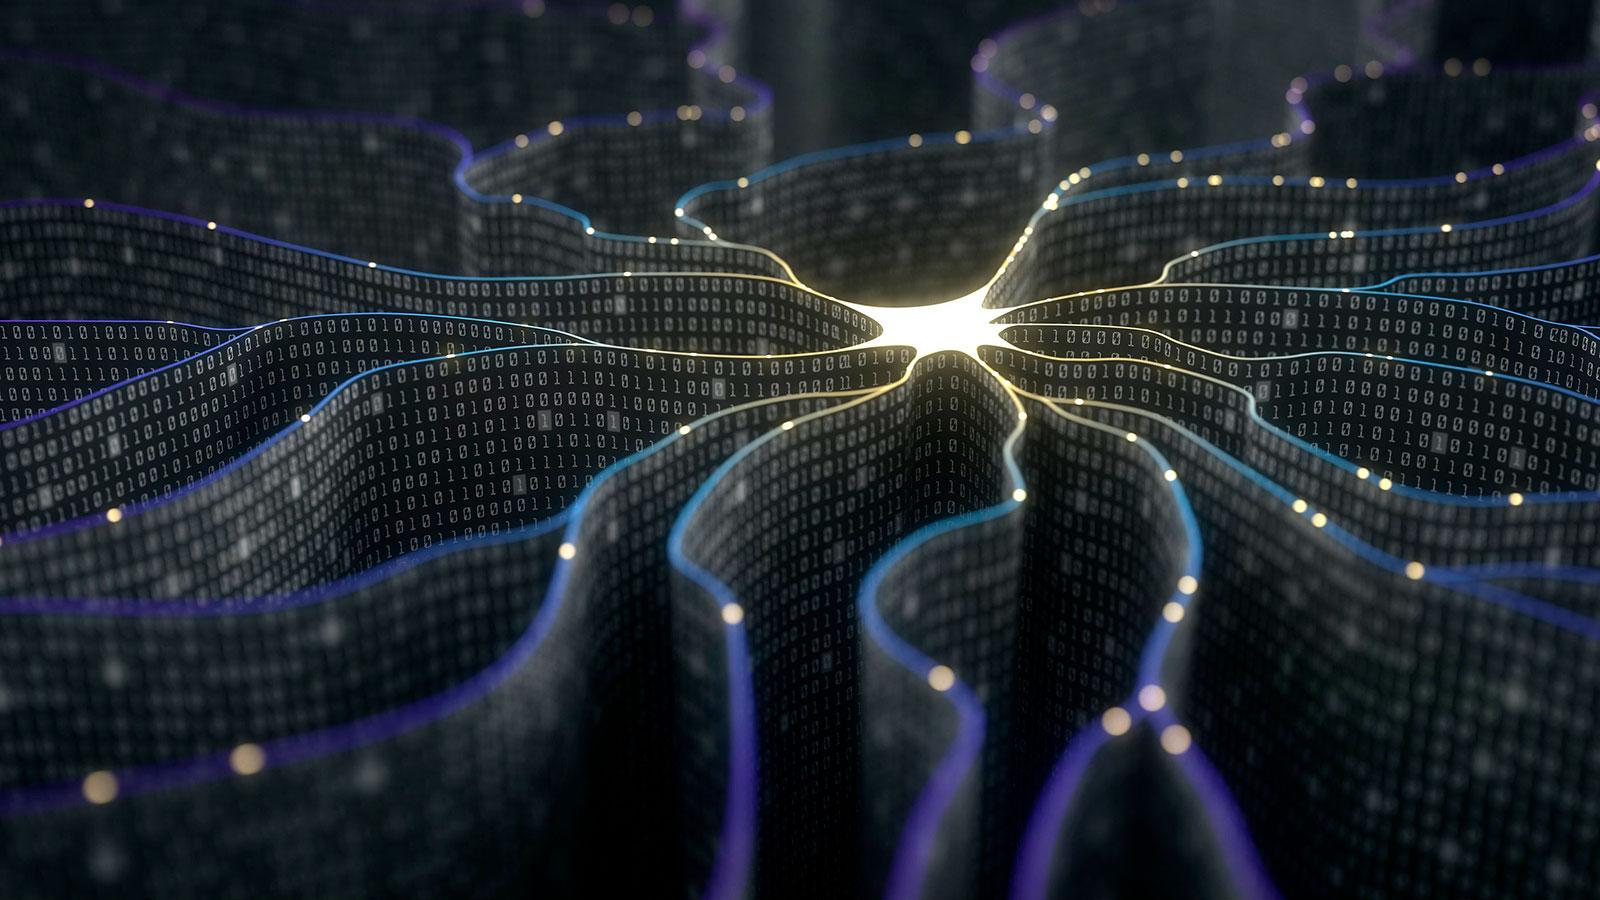 Afinal, os algoritmos são preconceituosos ou obedientes?